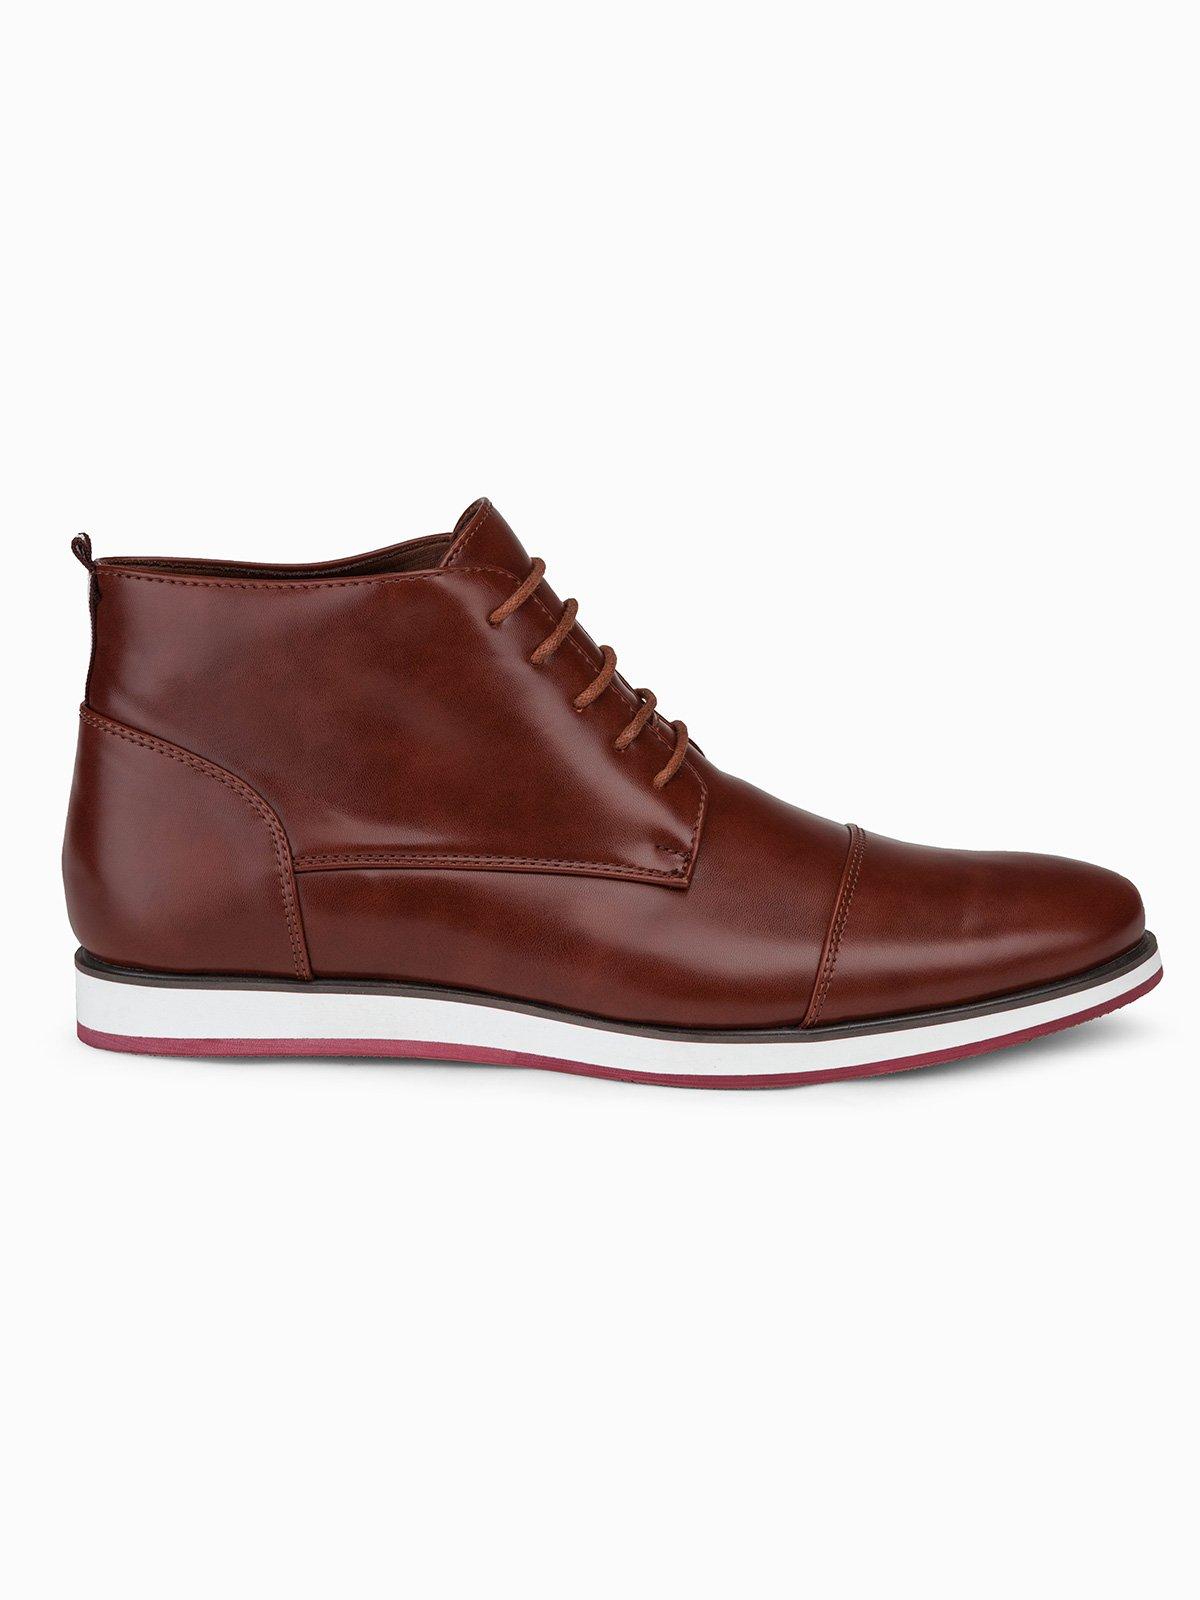 Купить Чоловічі напівчеревики T326 - світло-коричневі, Ombre Clothing